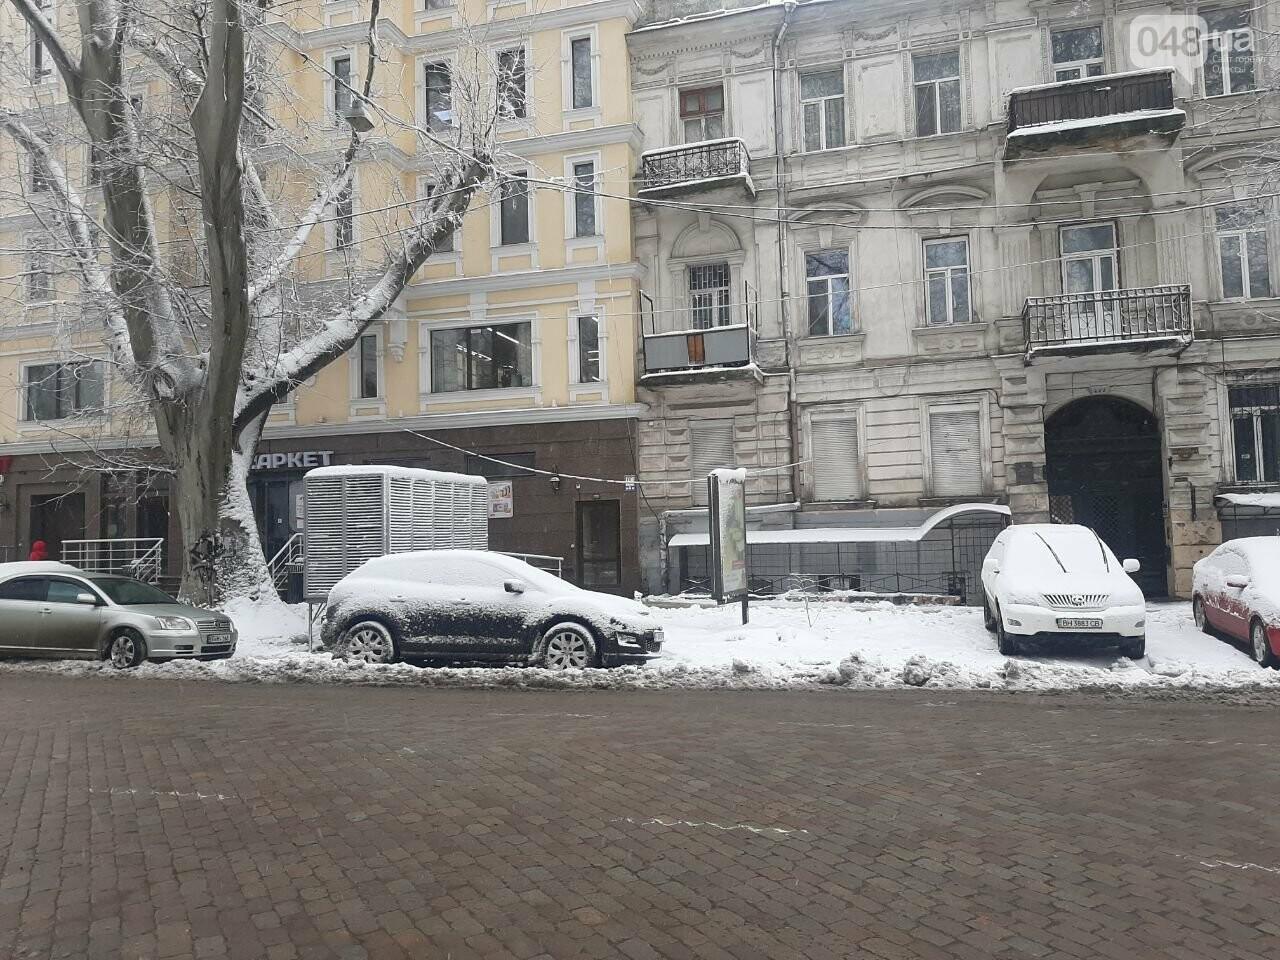 Последствия непогоды в Одессе, - ФОТОРЕПОРТАЖ, фото-2323